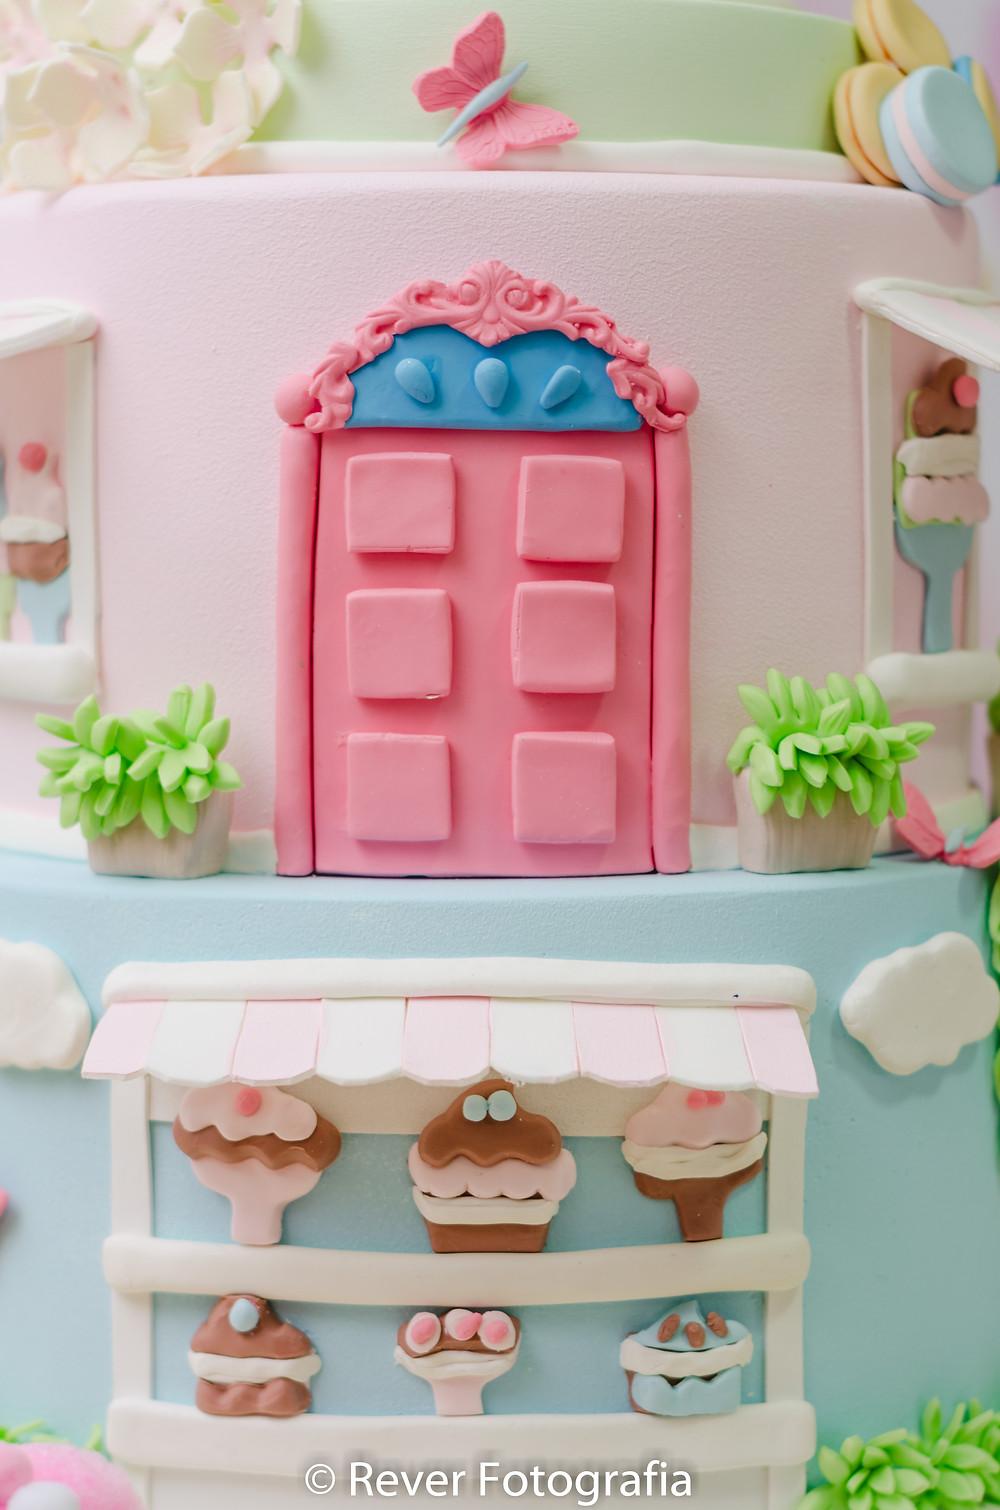 fotografia de bolo decorado em azul rosa e verde com doces em tons pastéis